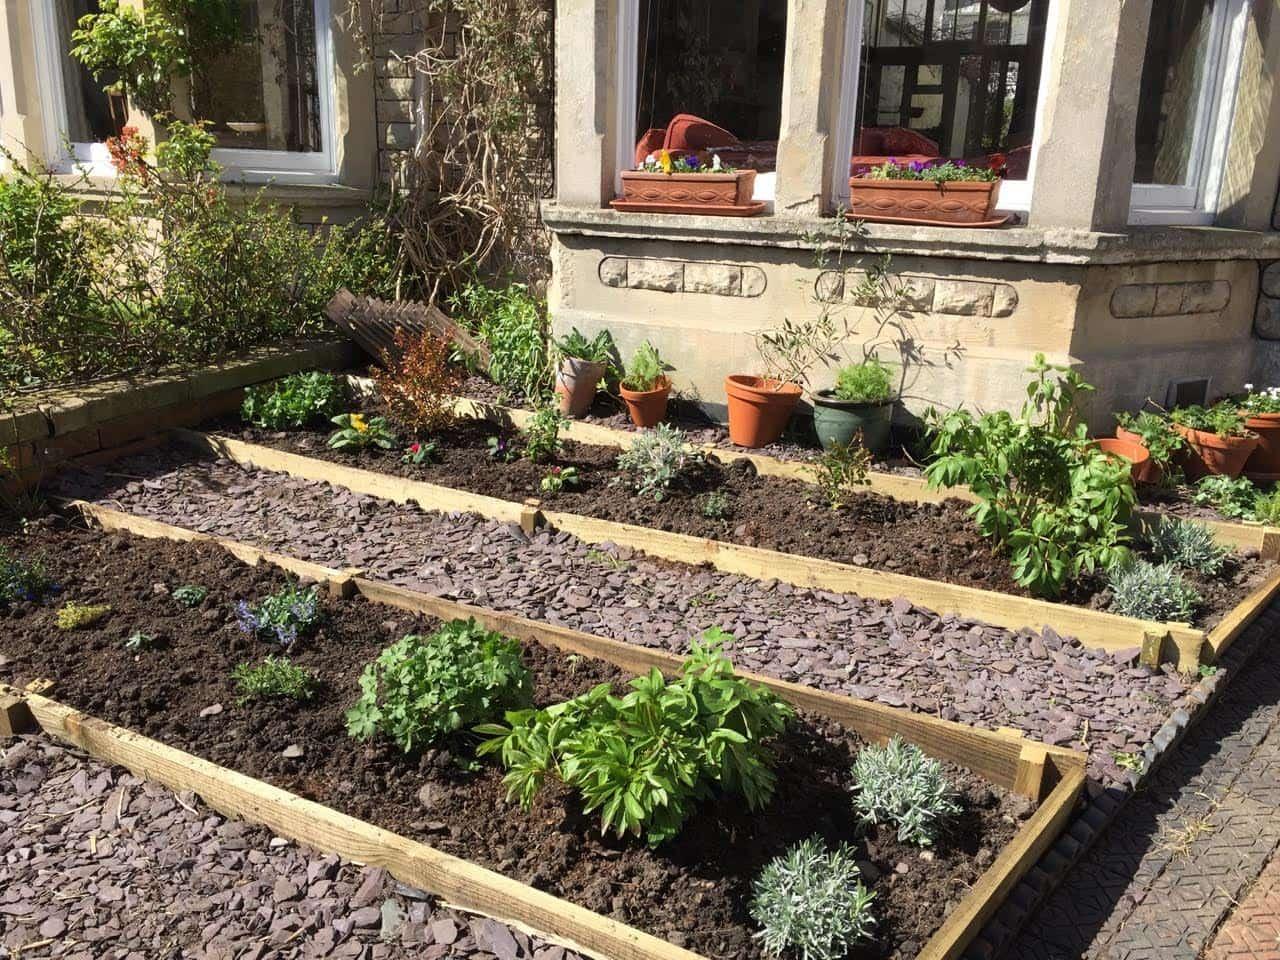 Landscape image of a Bristol garden designed and maintained by Bristol gardener, Bark and Gardens